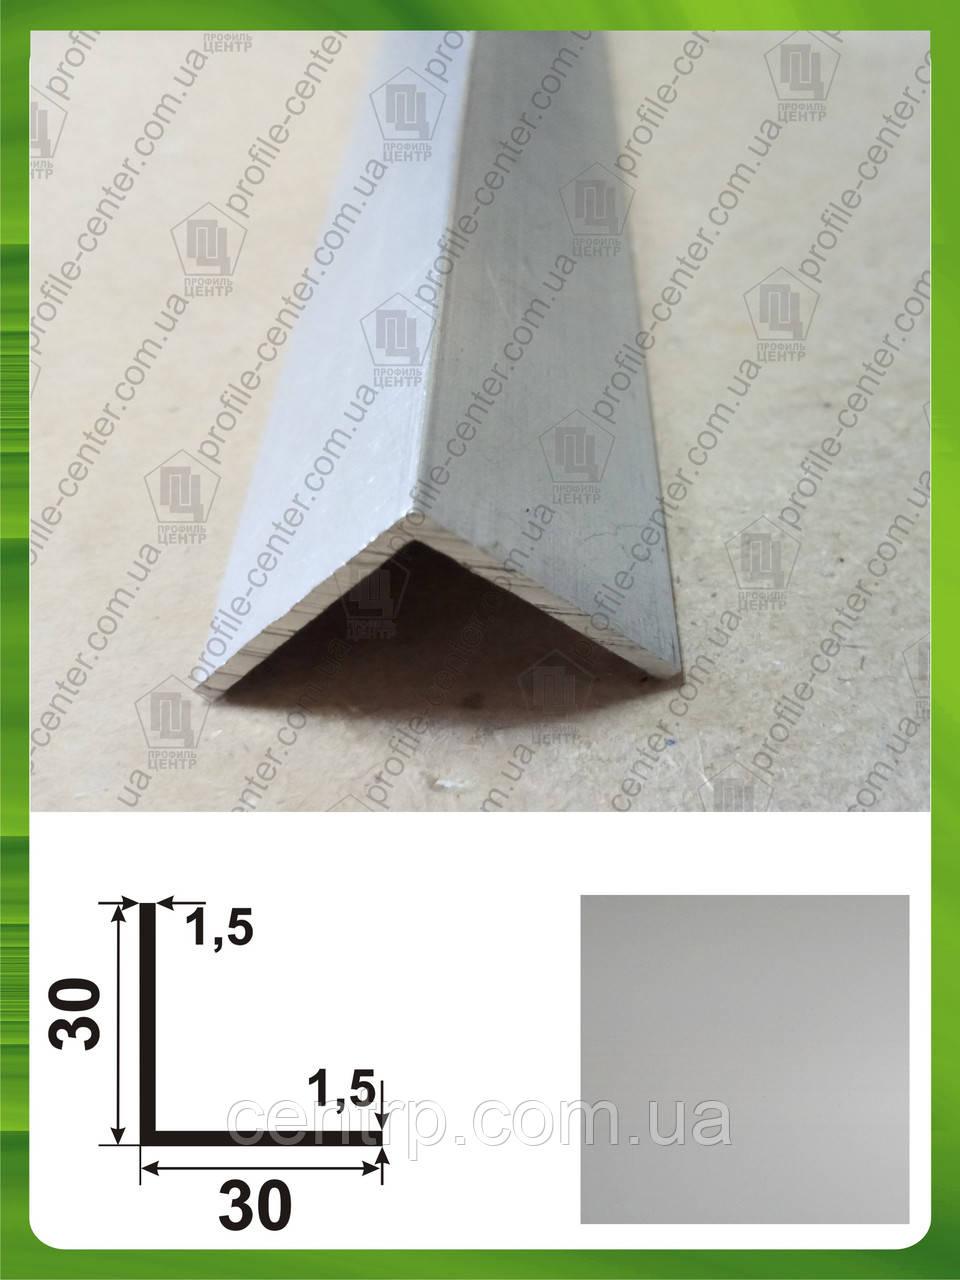 Угол алюминиевый 30х30х1,5 равнополочный равносторонний Серебро (анод)